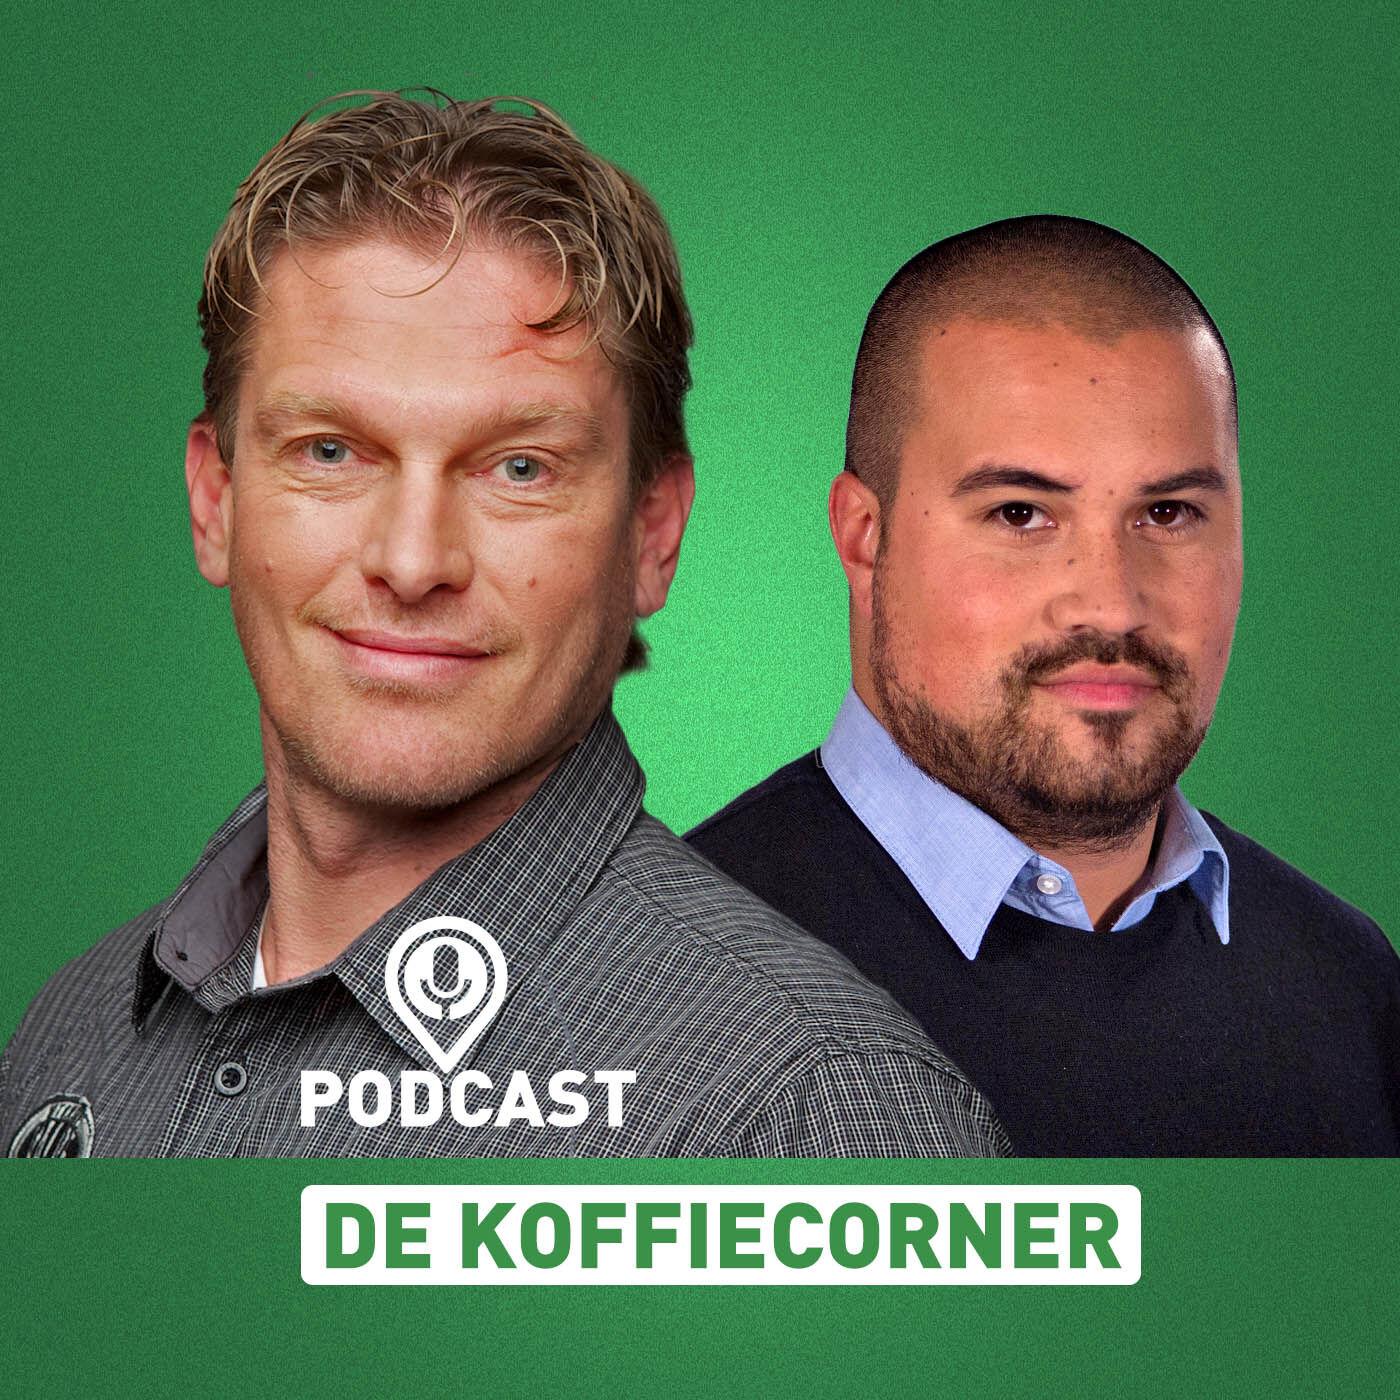 De Koffiecorner #25: 'Ben me doodgeschrokken van FC Groningen, wat een lafbekken-voetbal!'